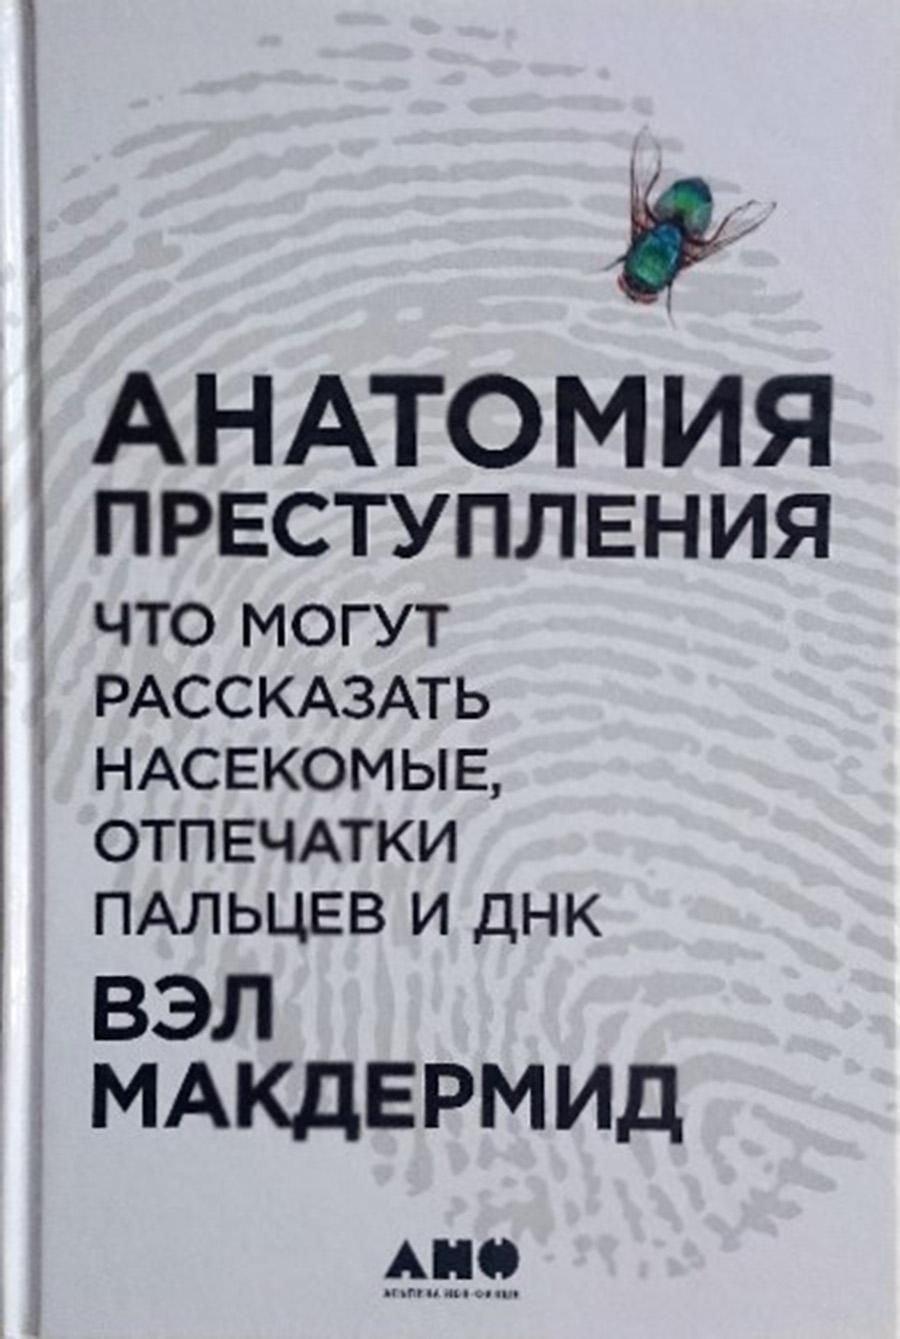 Вэл МАКДЕРМИД. Анатомия преступления